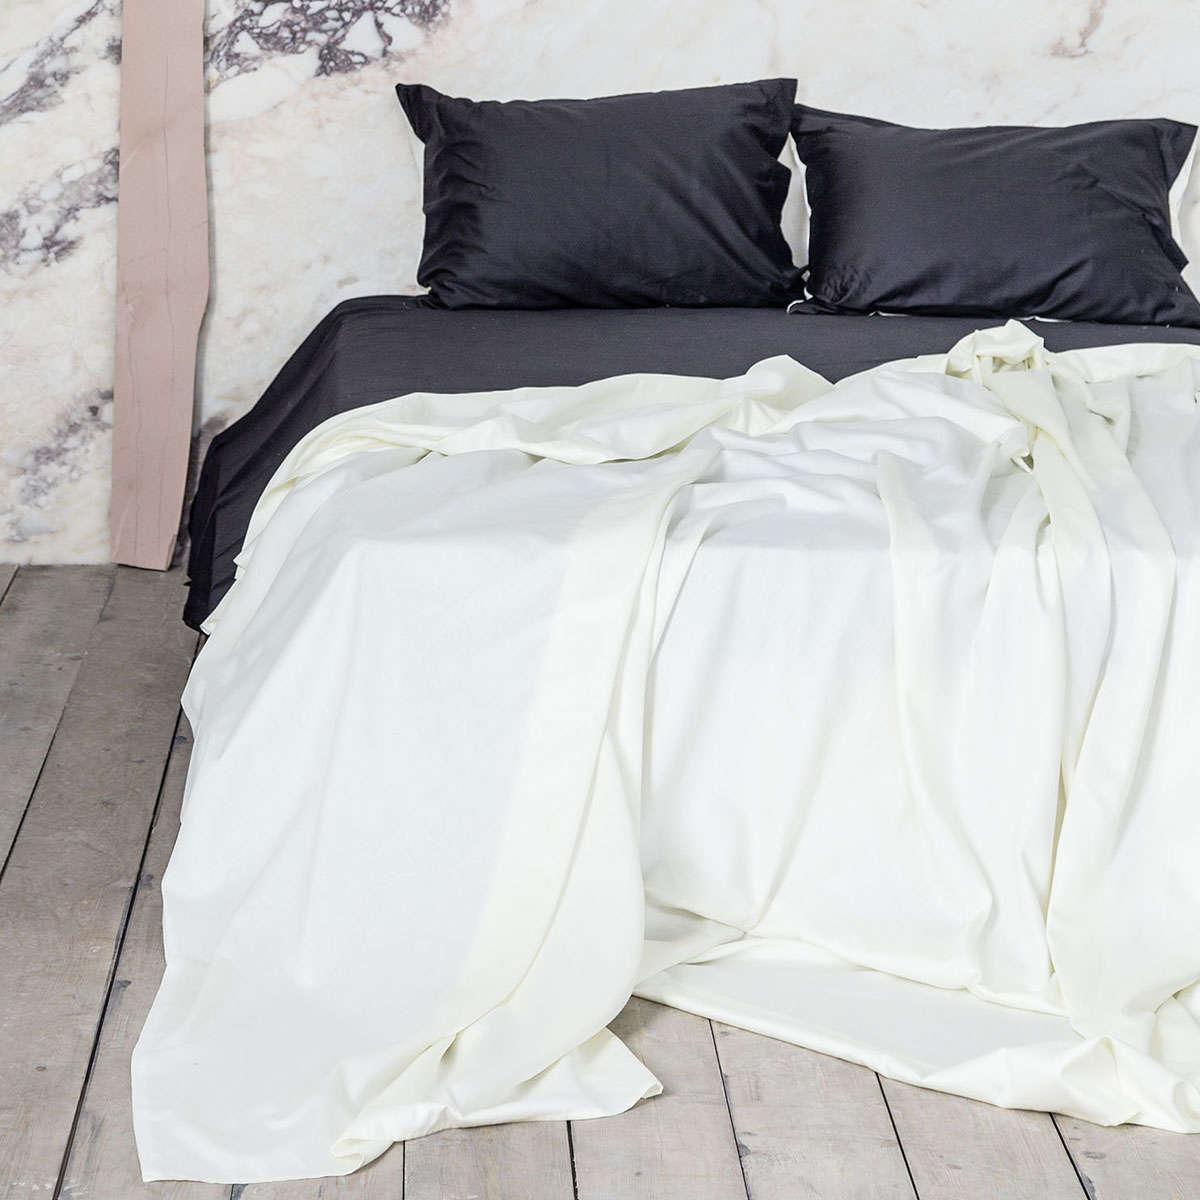 Σεντόνια Σετ 4Τμχ. Elegance – Ivory-Black Nima Υπέρδιπλo 240x260cm